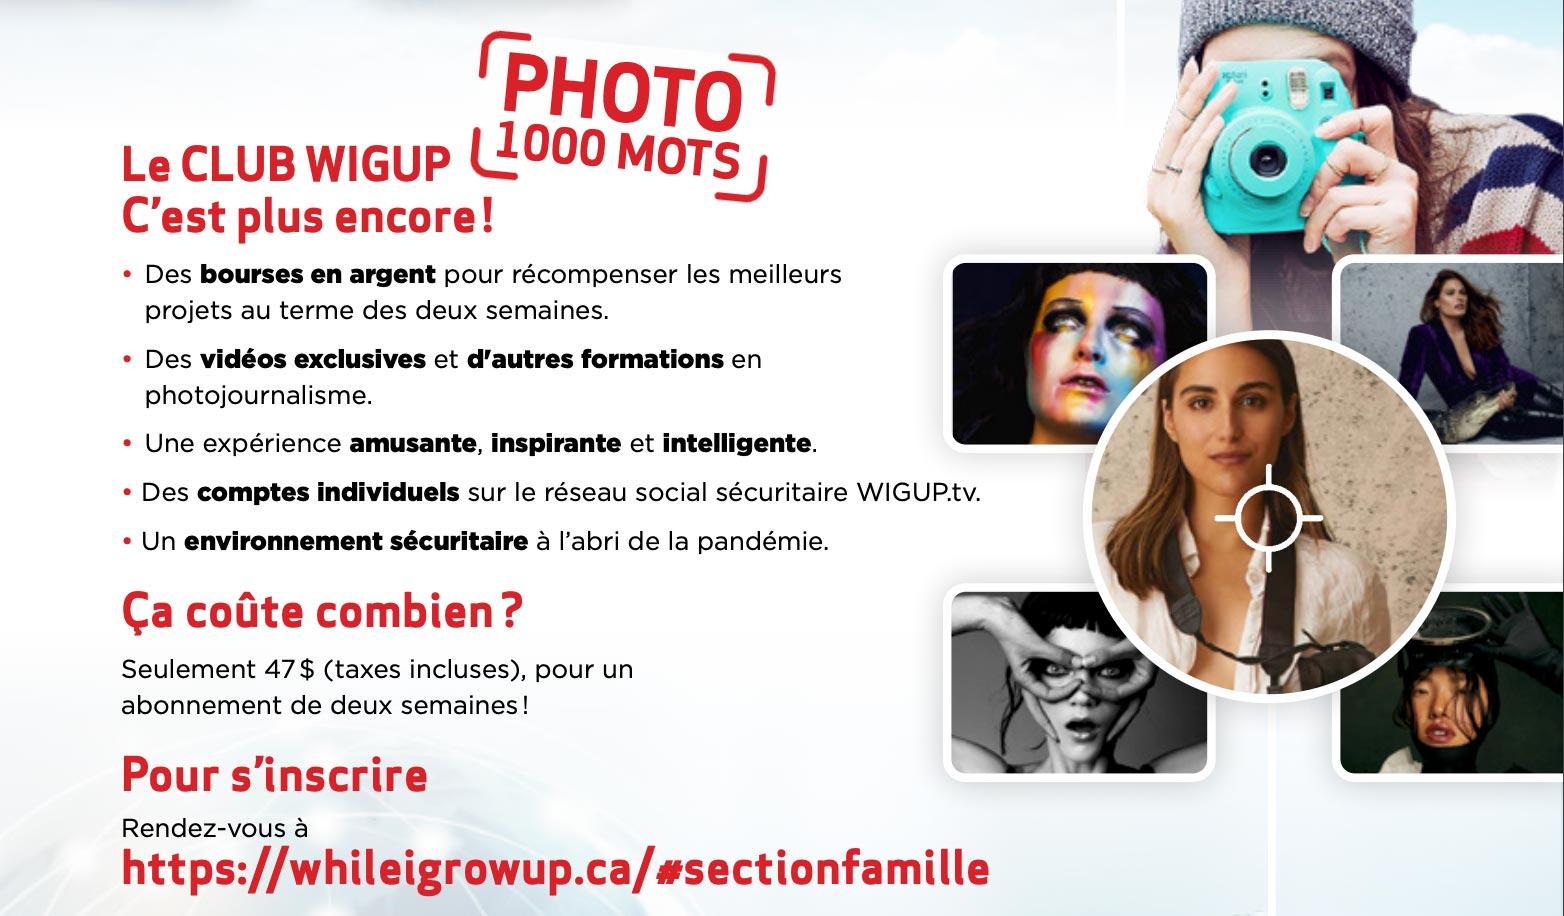 Atelier de photographier avec Dariane Sanche et le club Wigup photo 1000 mots